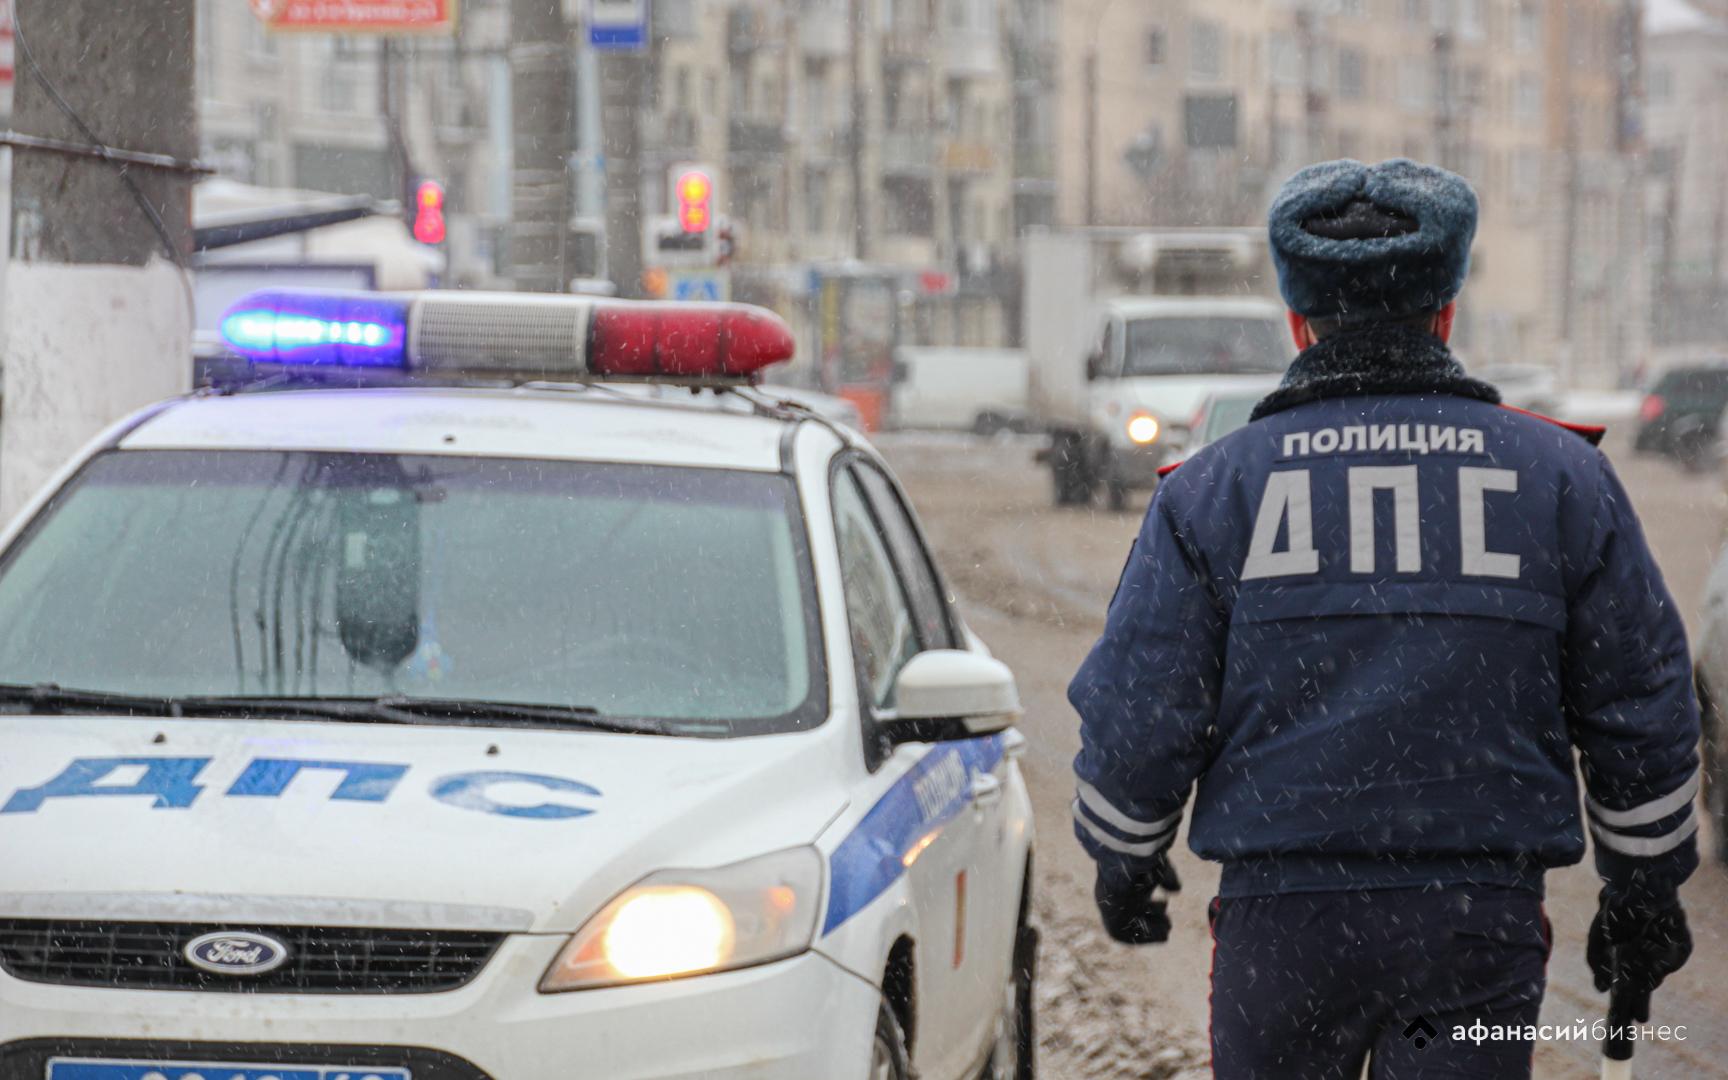 Лишение прав за три грубых нарушения: в России готовят поправки в КоАП - новости Афанасий